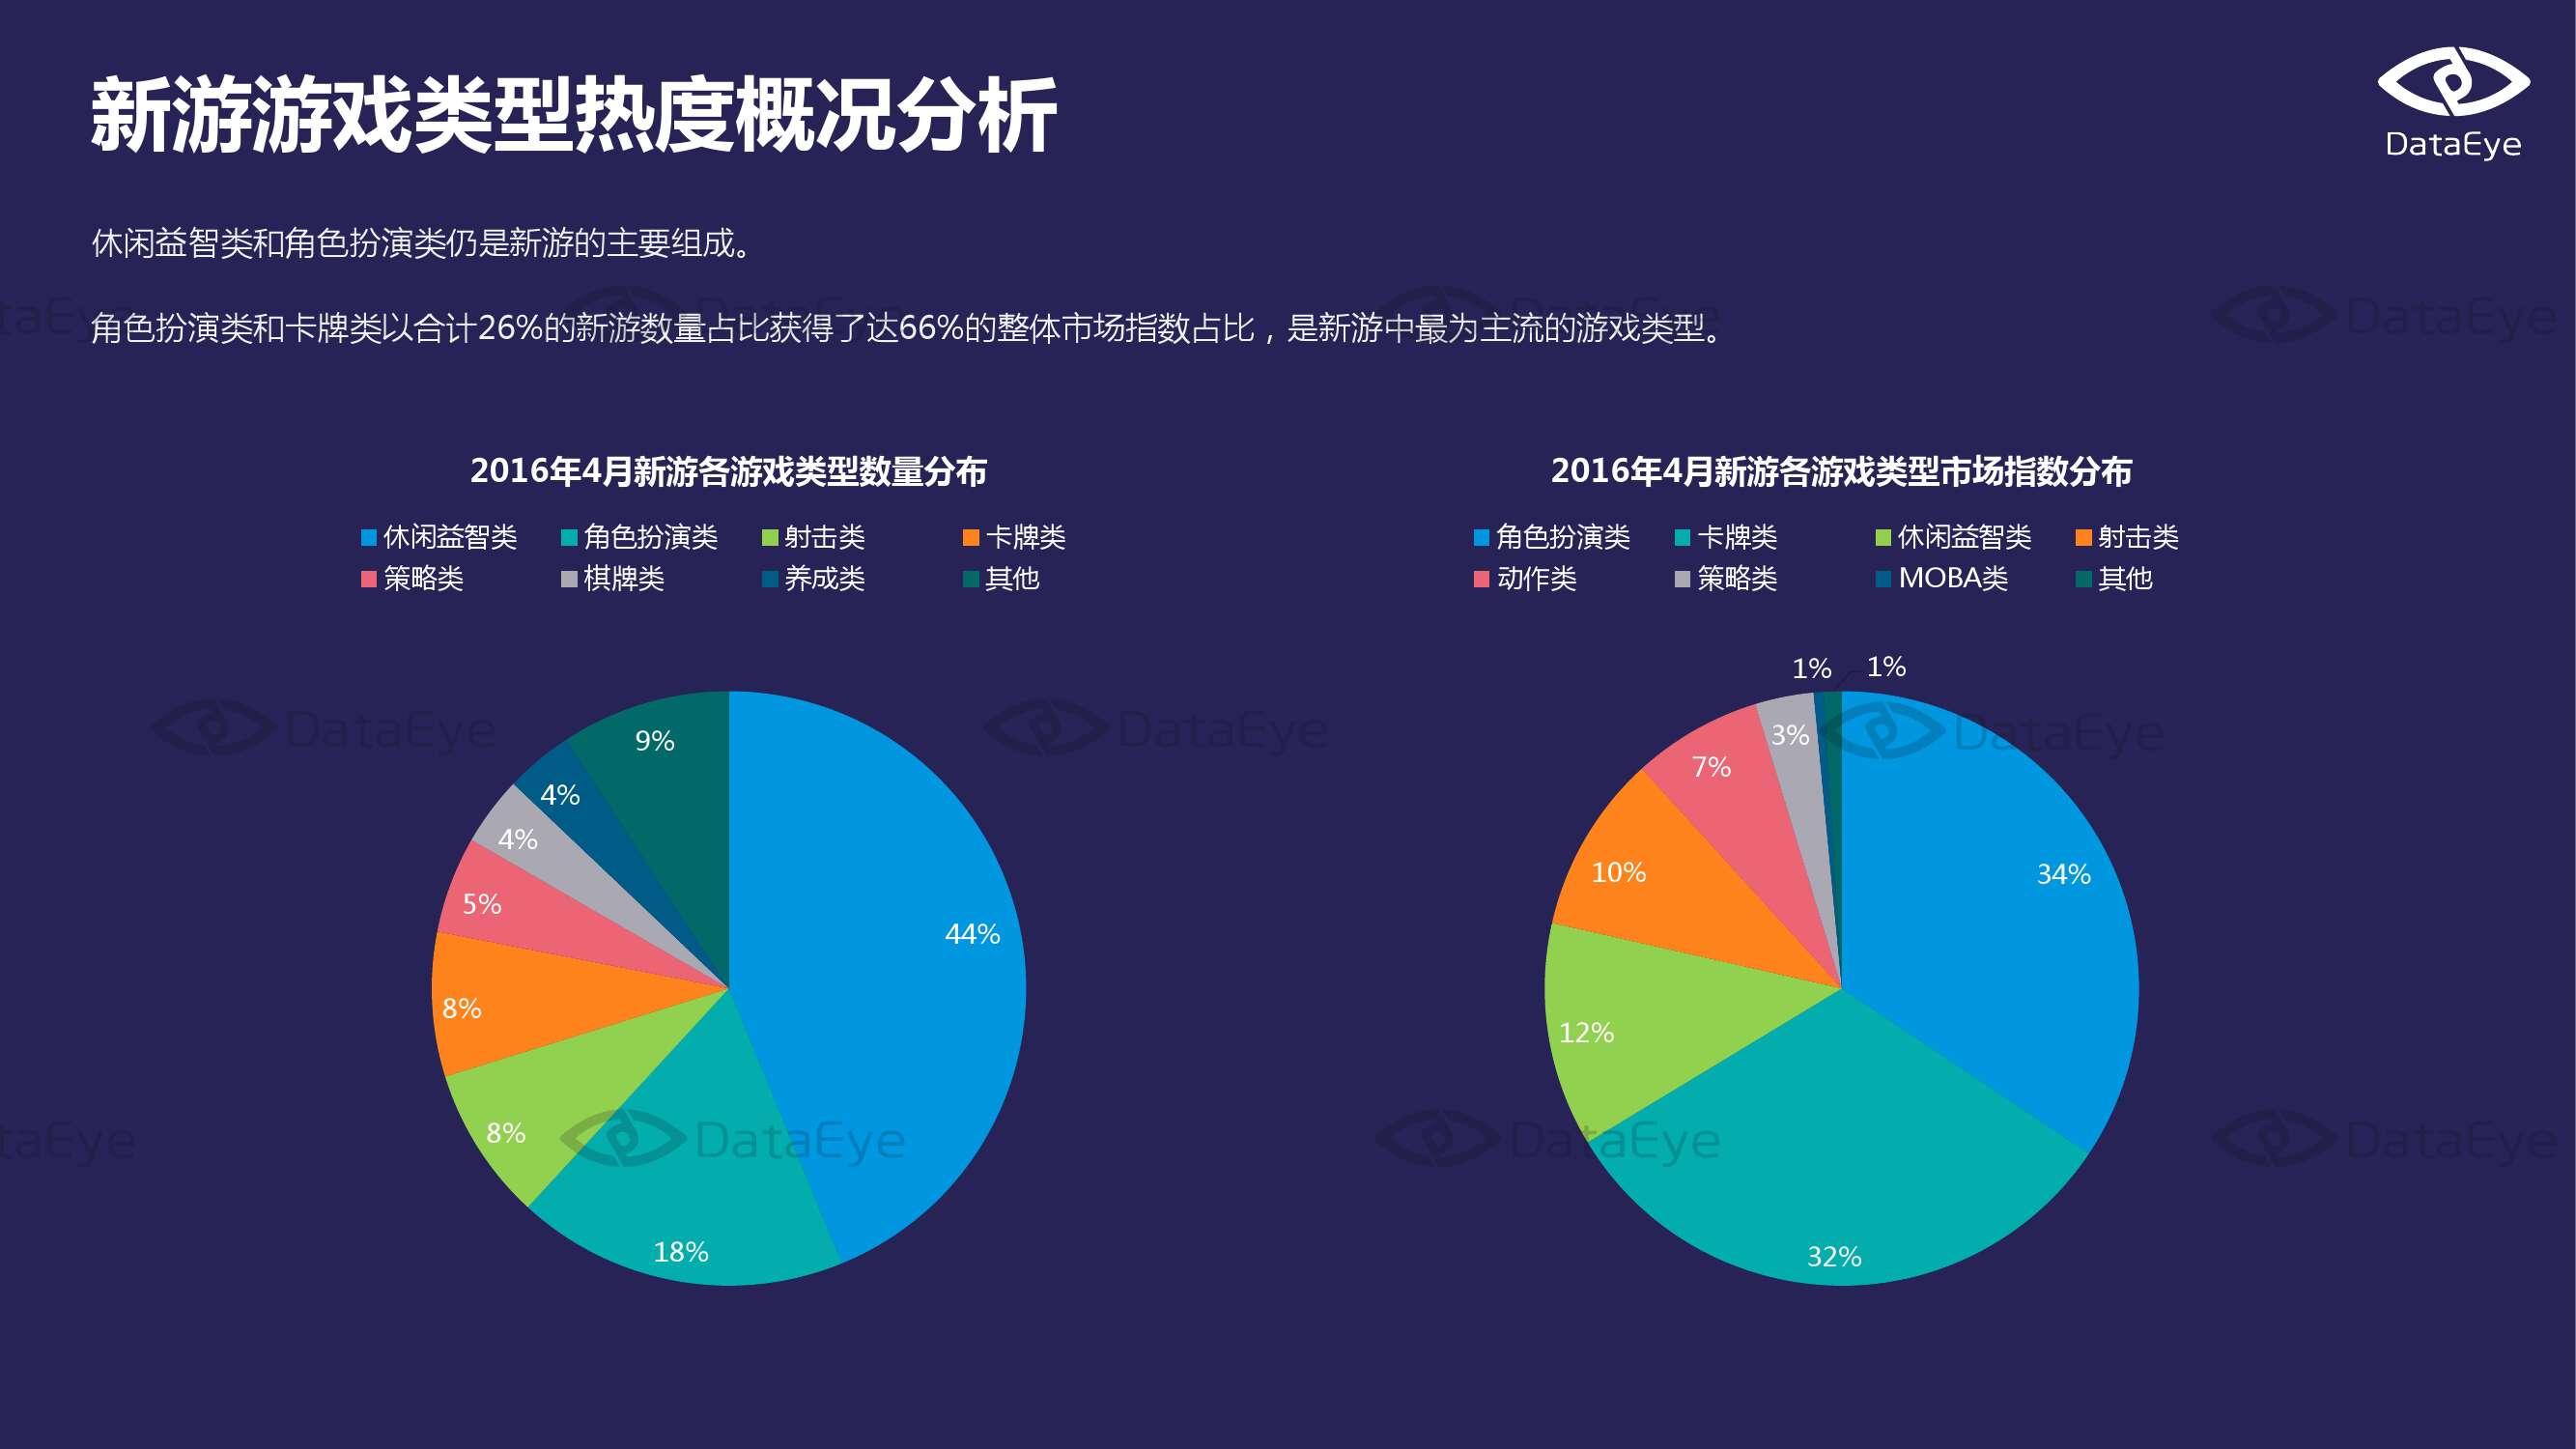 2016年4月国内手游市场指数报告_000013